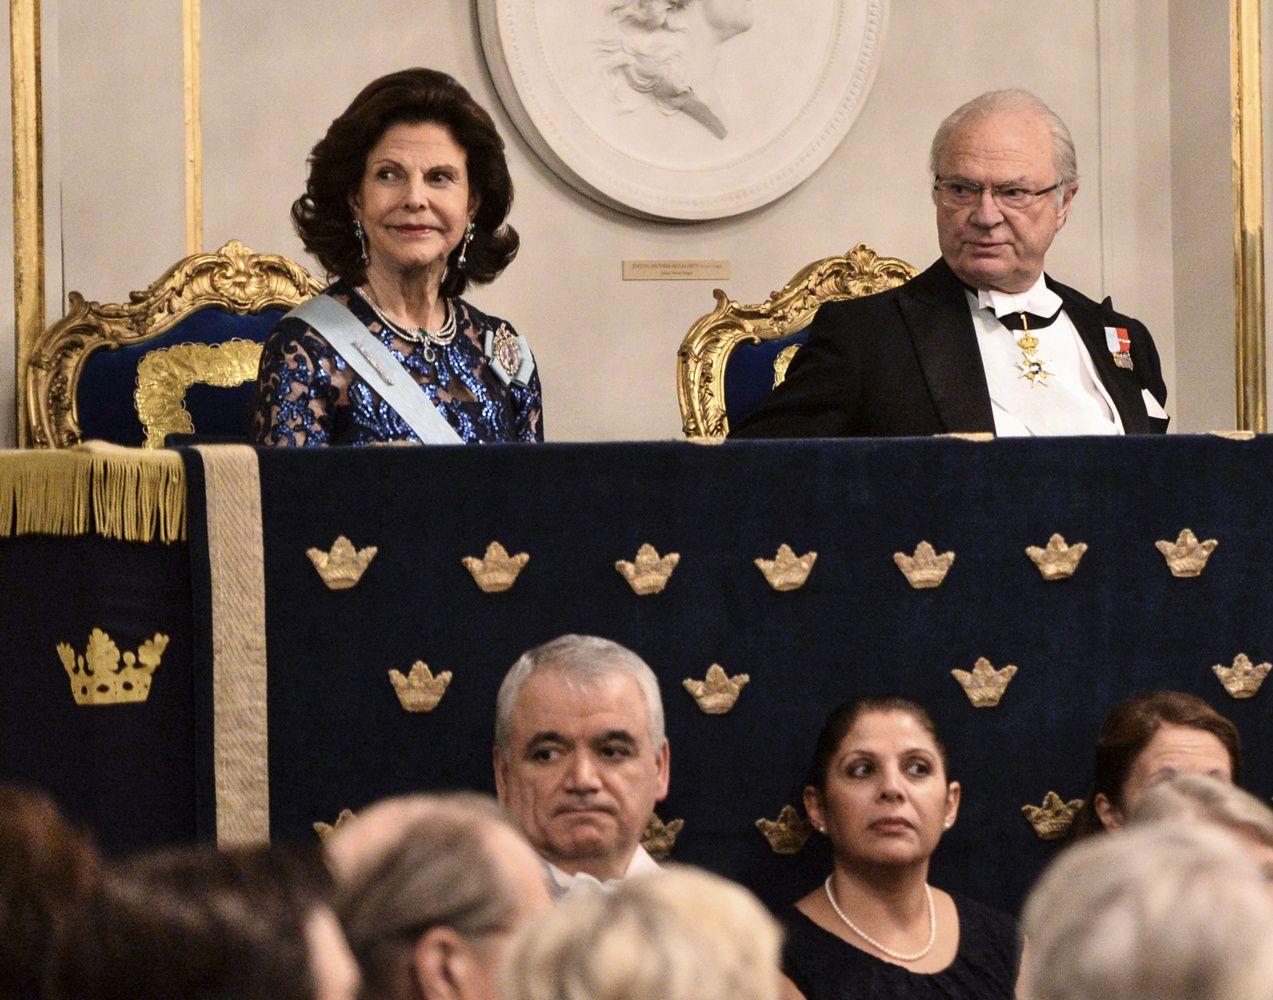 Švedijos Akademija svarsto, ar teiks Nobelio literatūros premiją